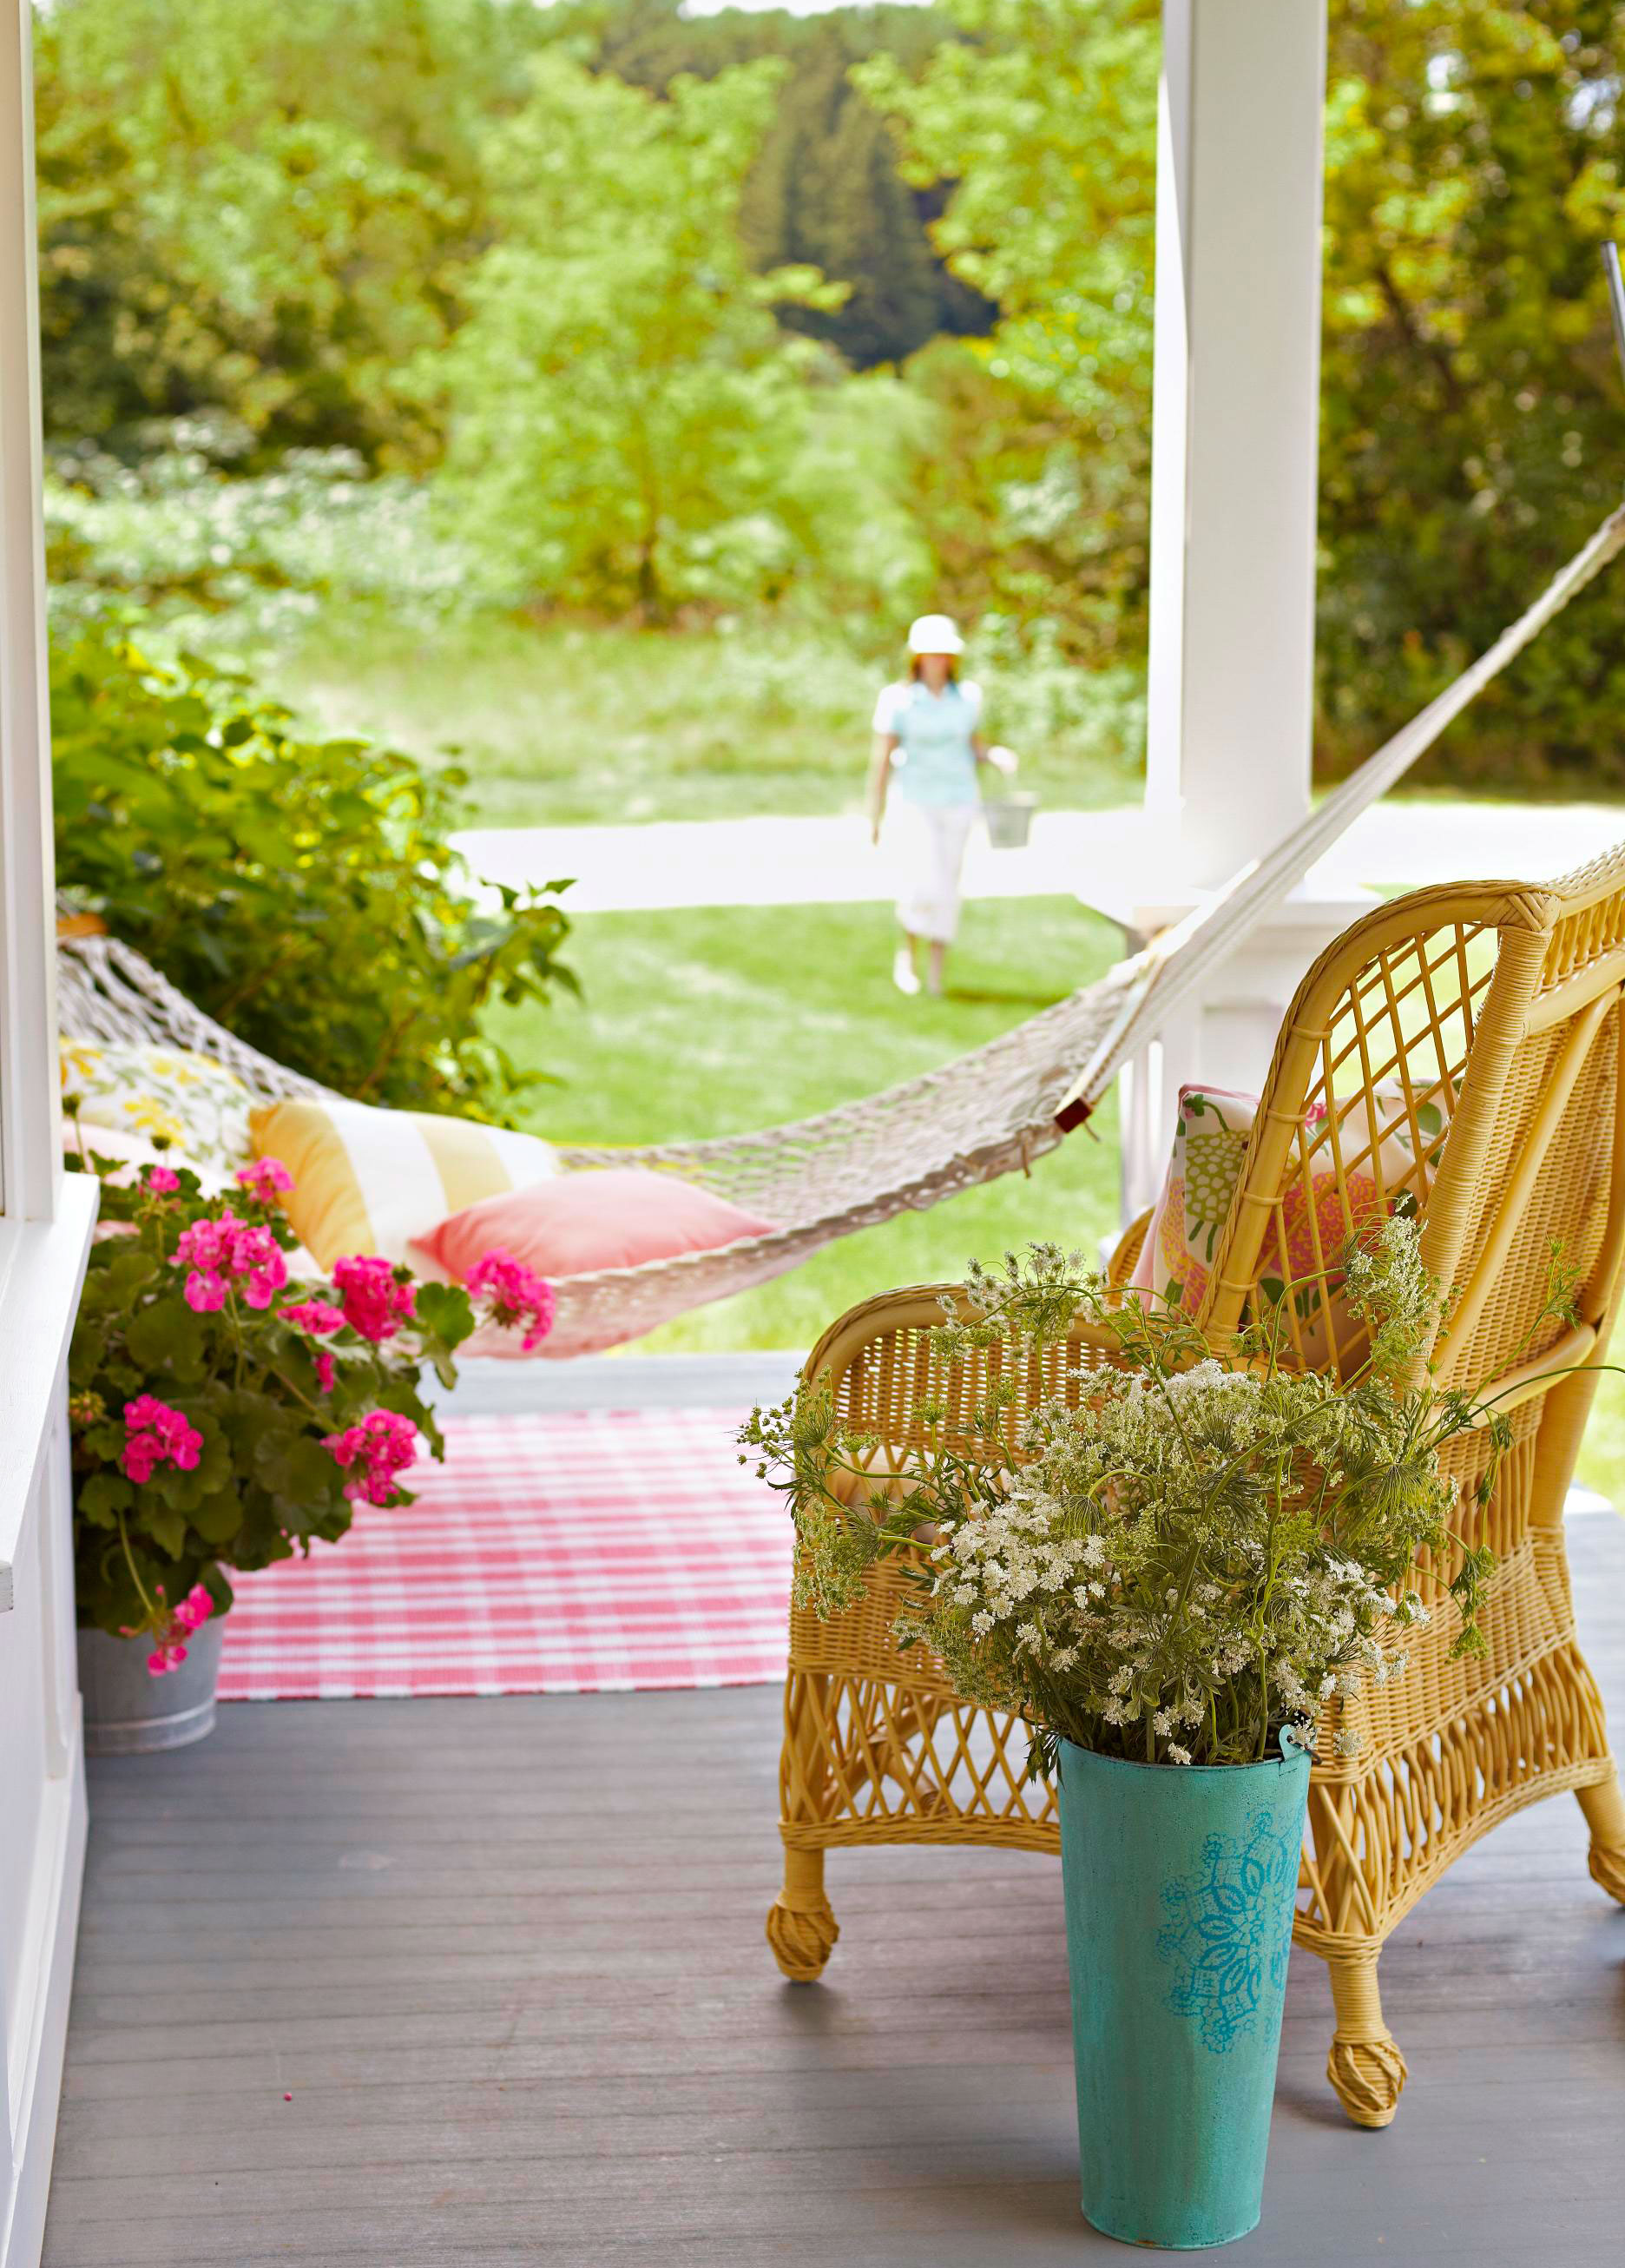 Relax in a quiet corner